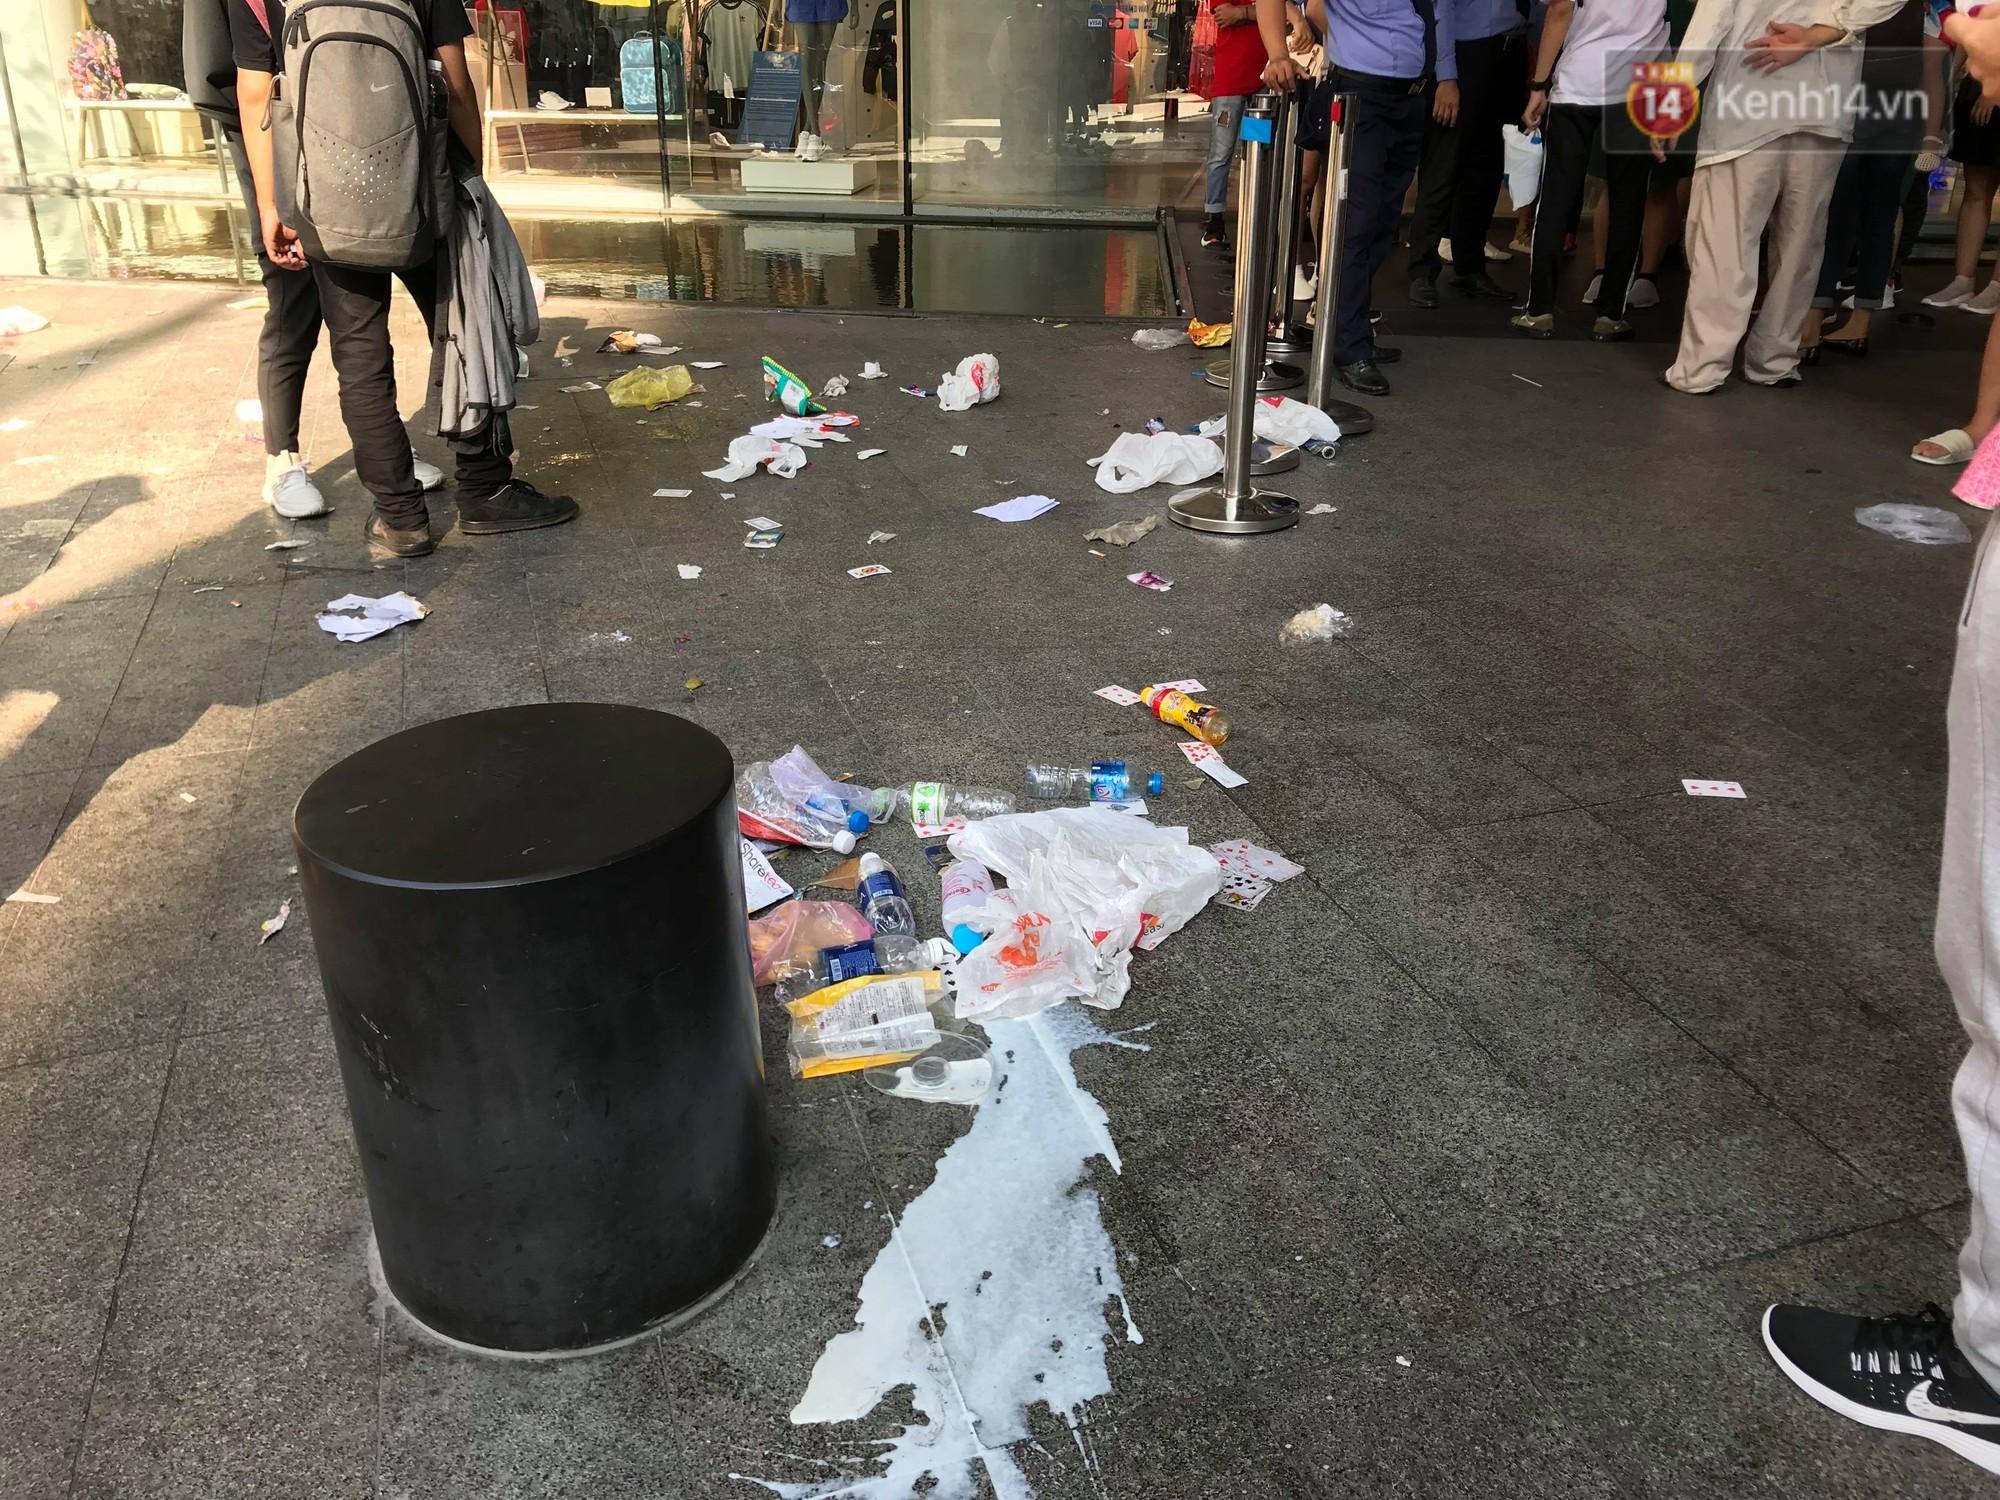 Sau khi cắm cọc qua đêm tại Bitexco để mua giày hiệu, dân tình hồn nhiên vứt đầy rác trước cửa hàng - Ảnh 3.